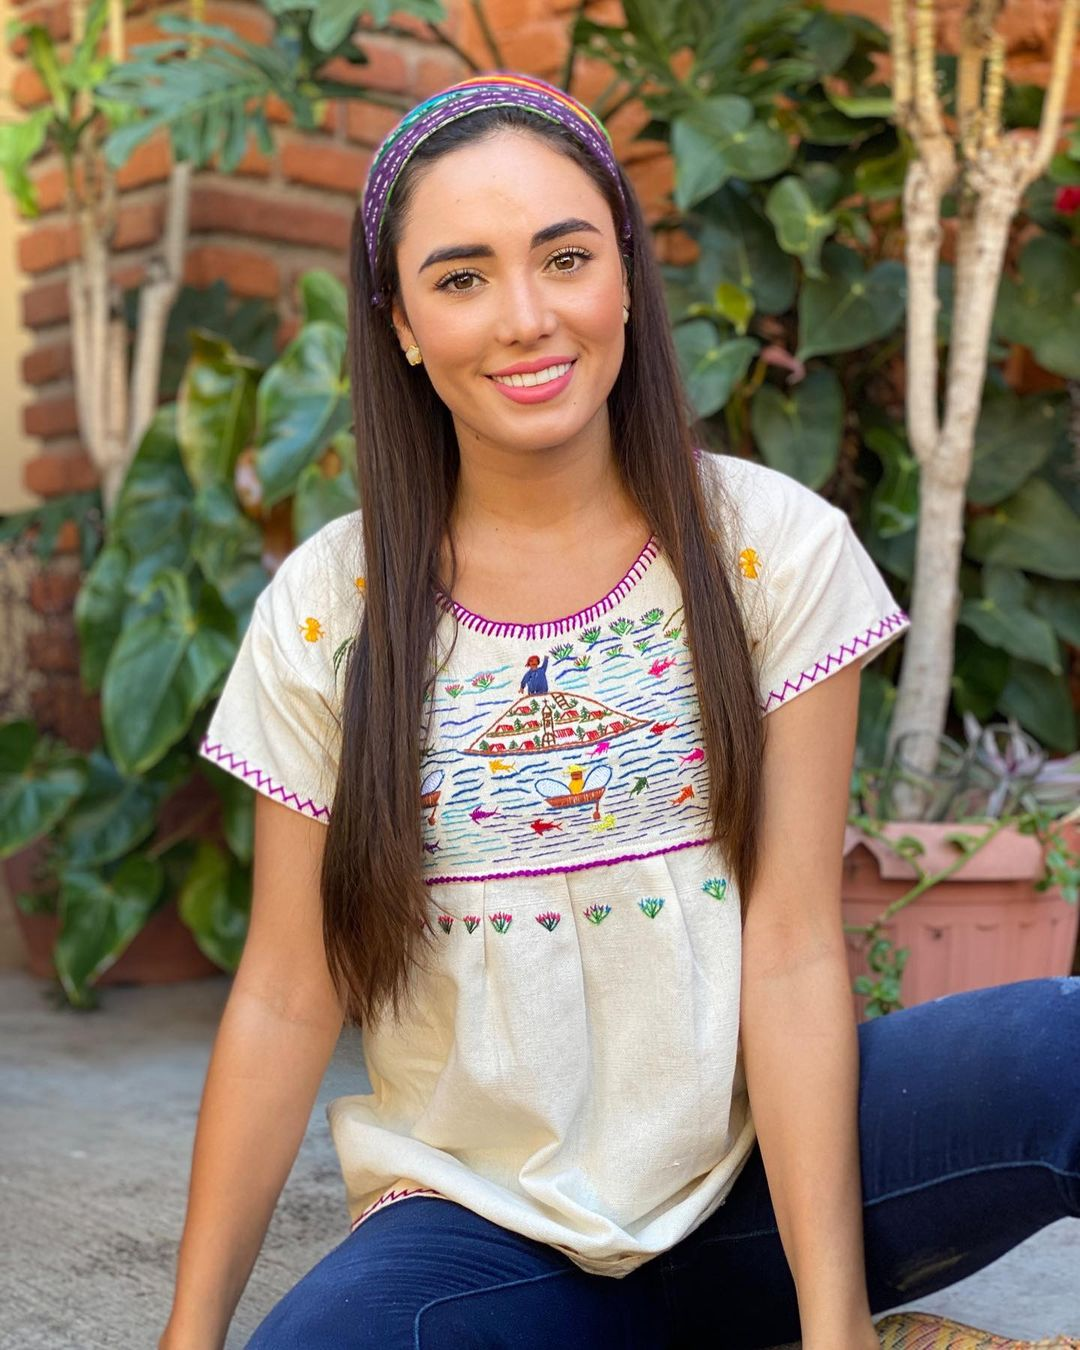 karolina vidales, candidata a miss mexico 2021, representando michoacan. - Página 10 Wufci10